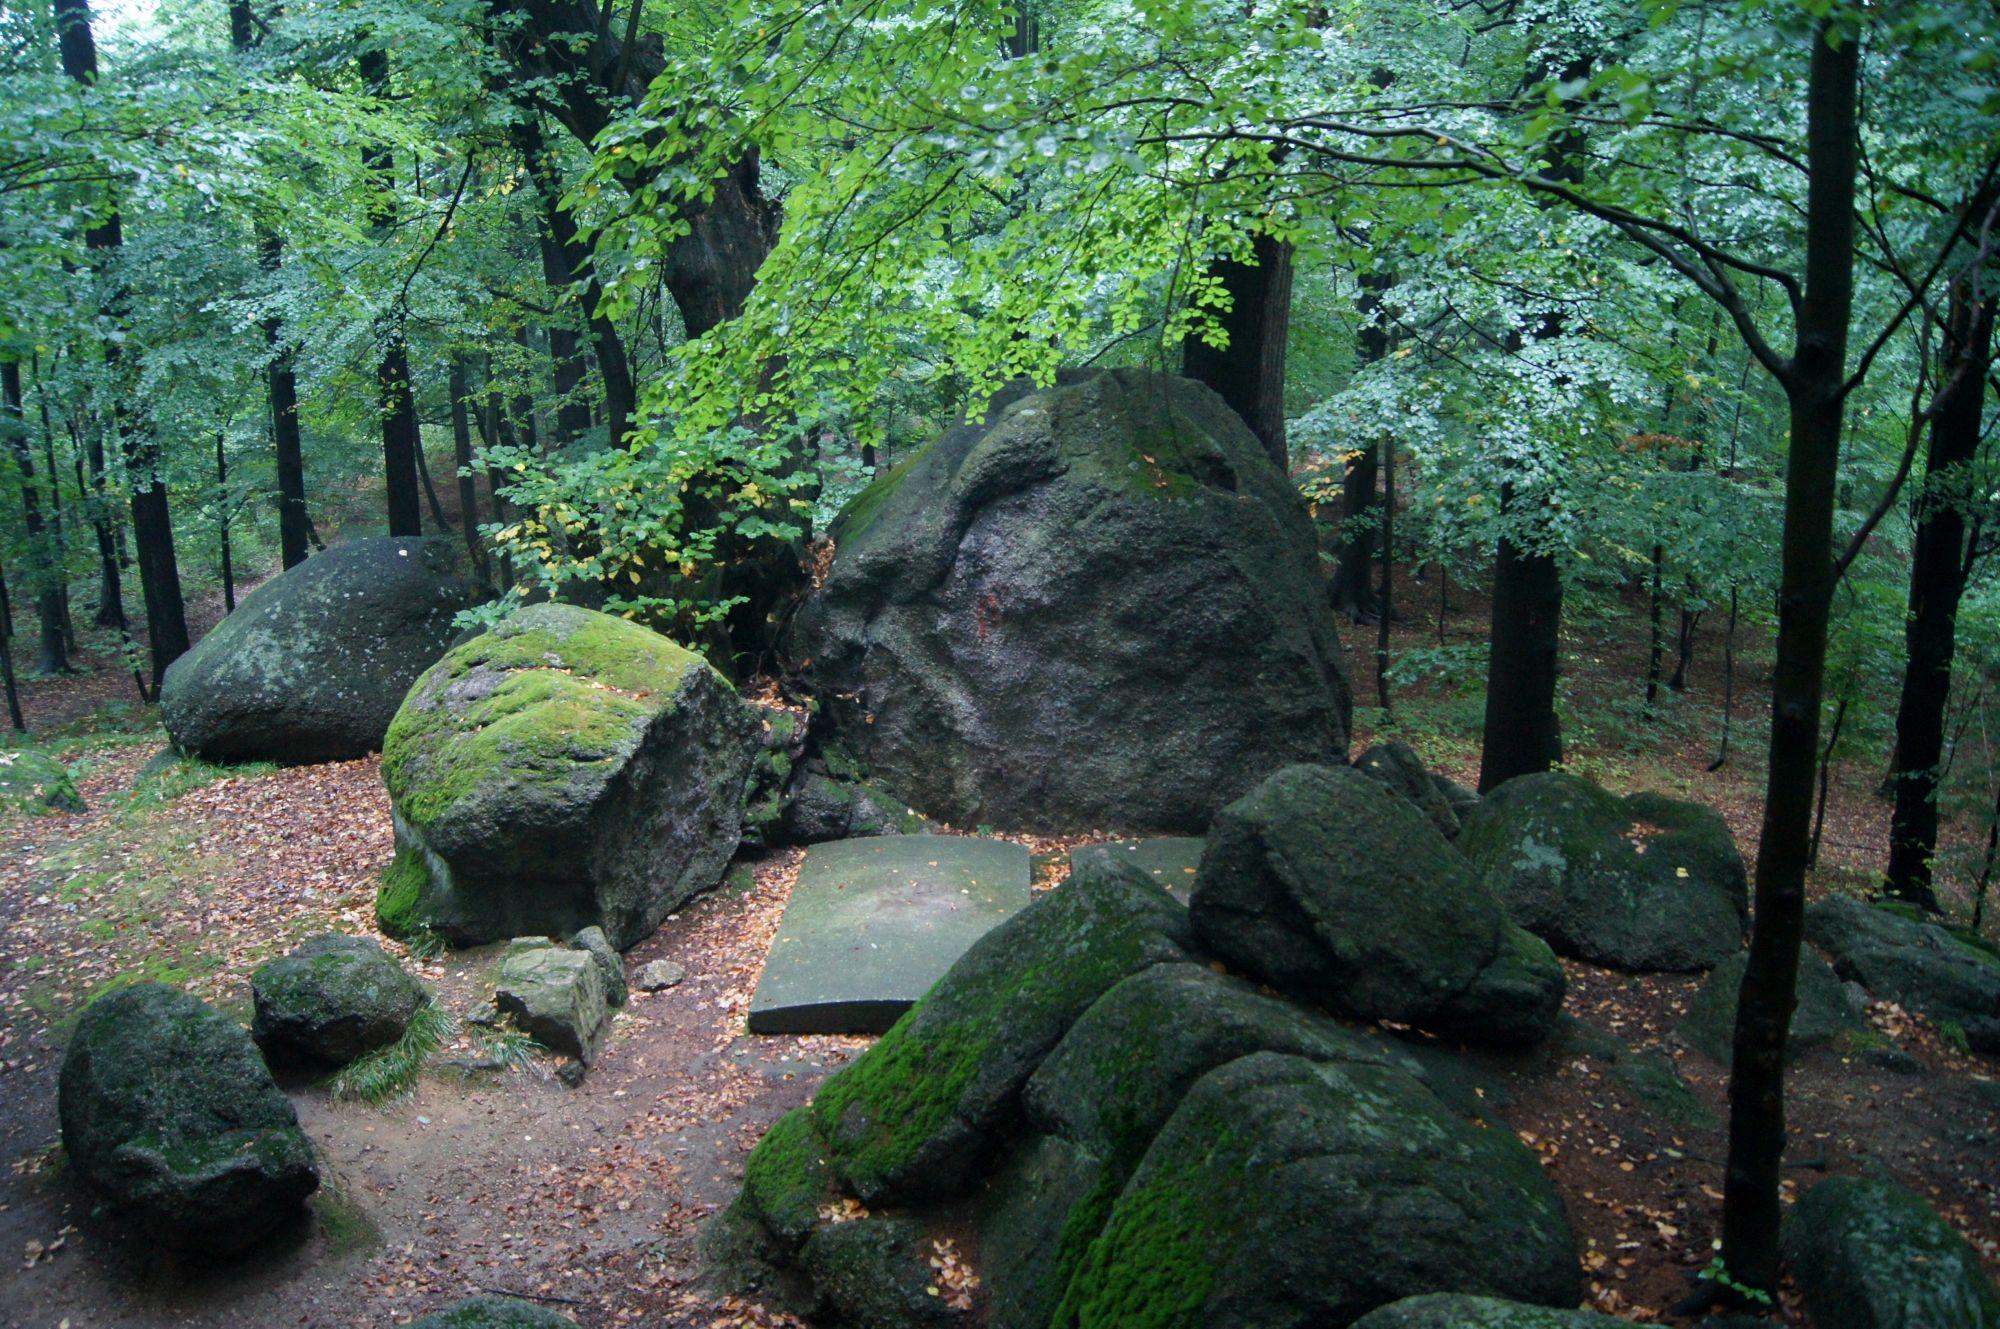 2. Grobowce Rodziny von Reuss w Kowarach